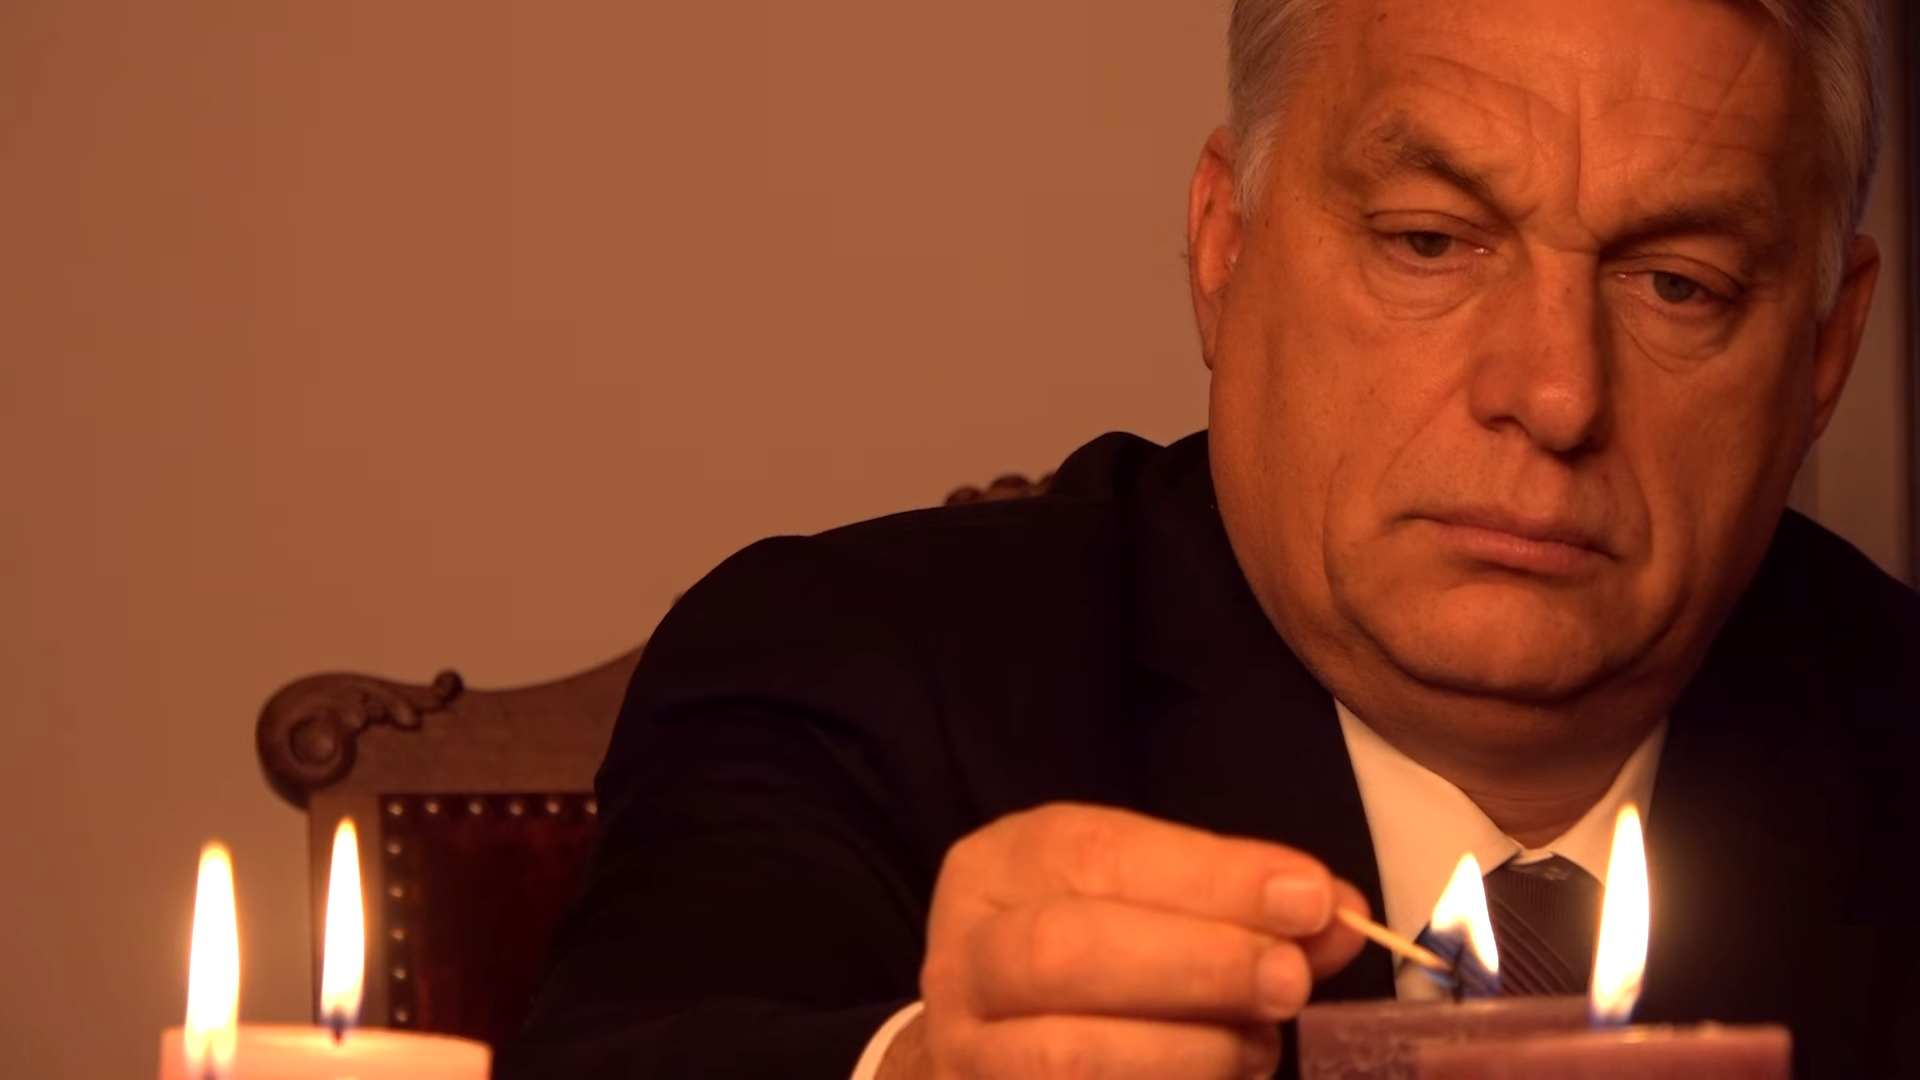 Ádventi csoda: Orbán egy gyertya meggyújtása közben észrevétlenül nyakkendőt is tudott kötni